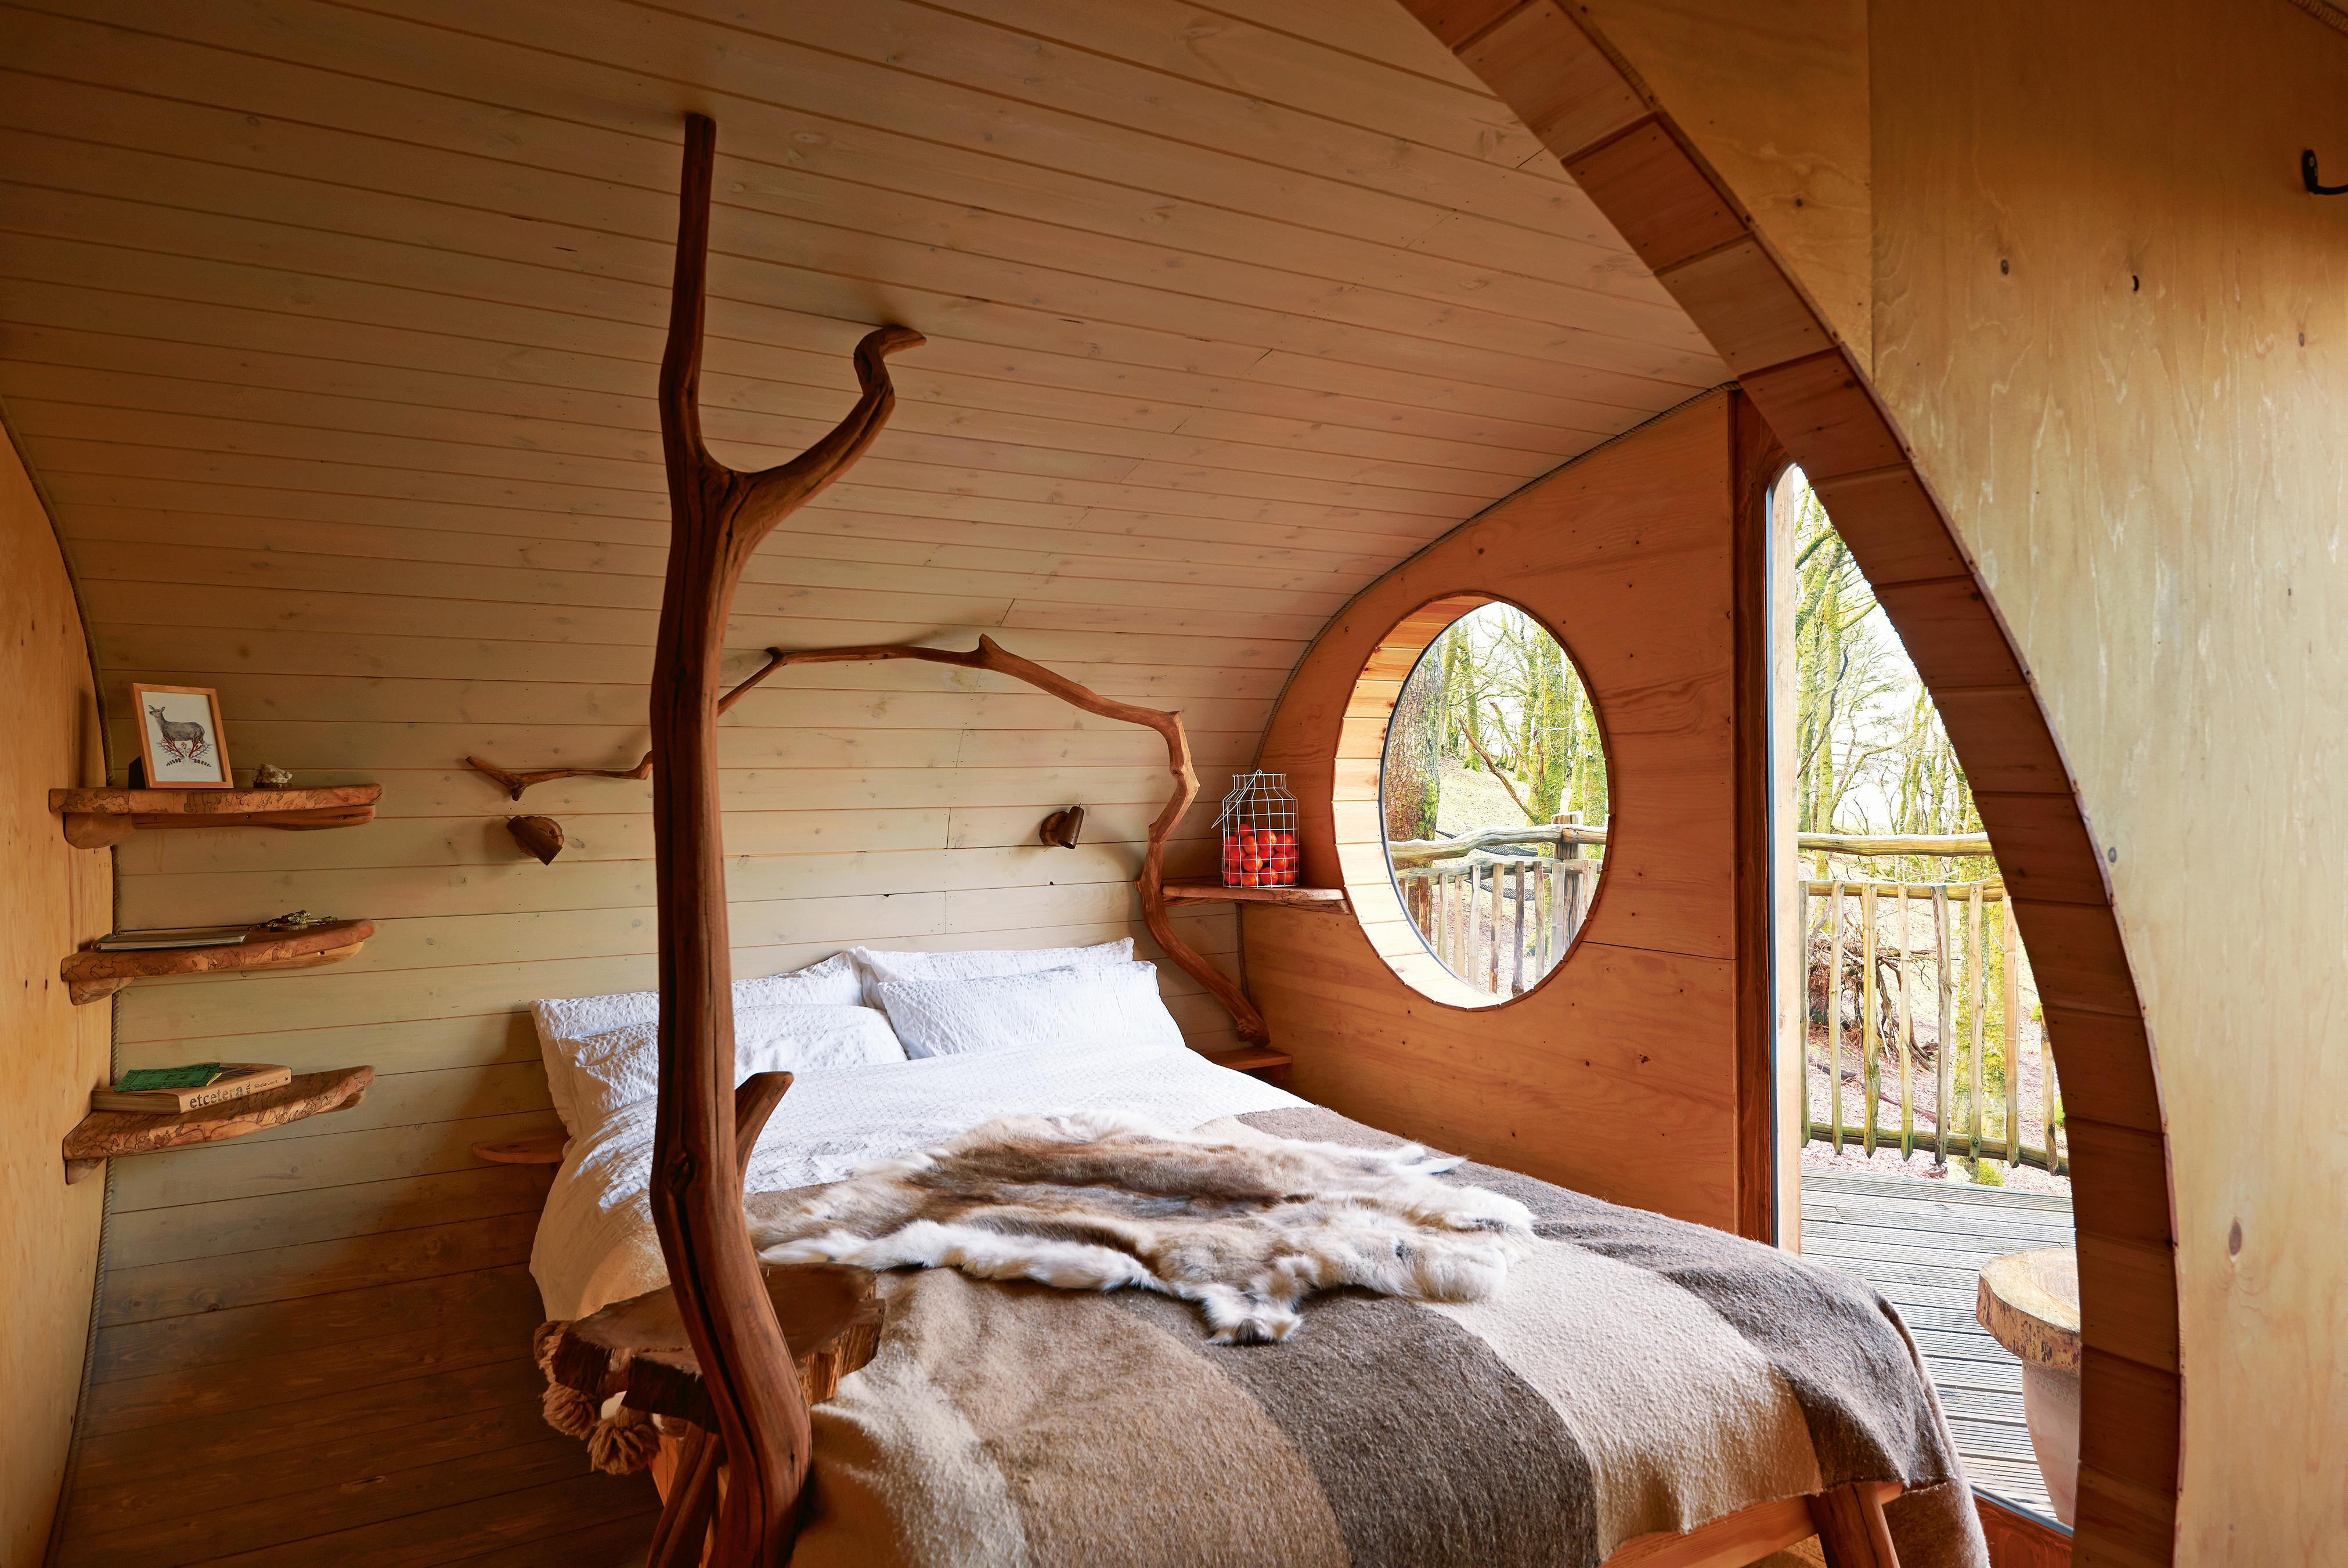 mein himmlisches baumhaus wohnen in den wipfeln knesebeck verlag. Black Bedroom Furniture Sets. Home Design Ideas